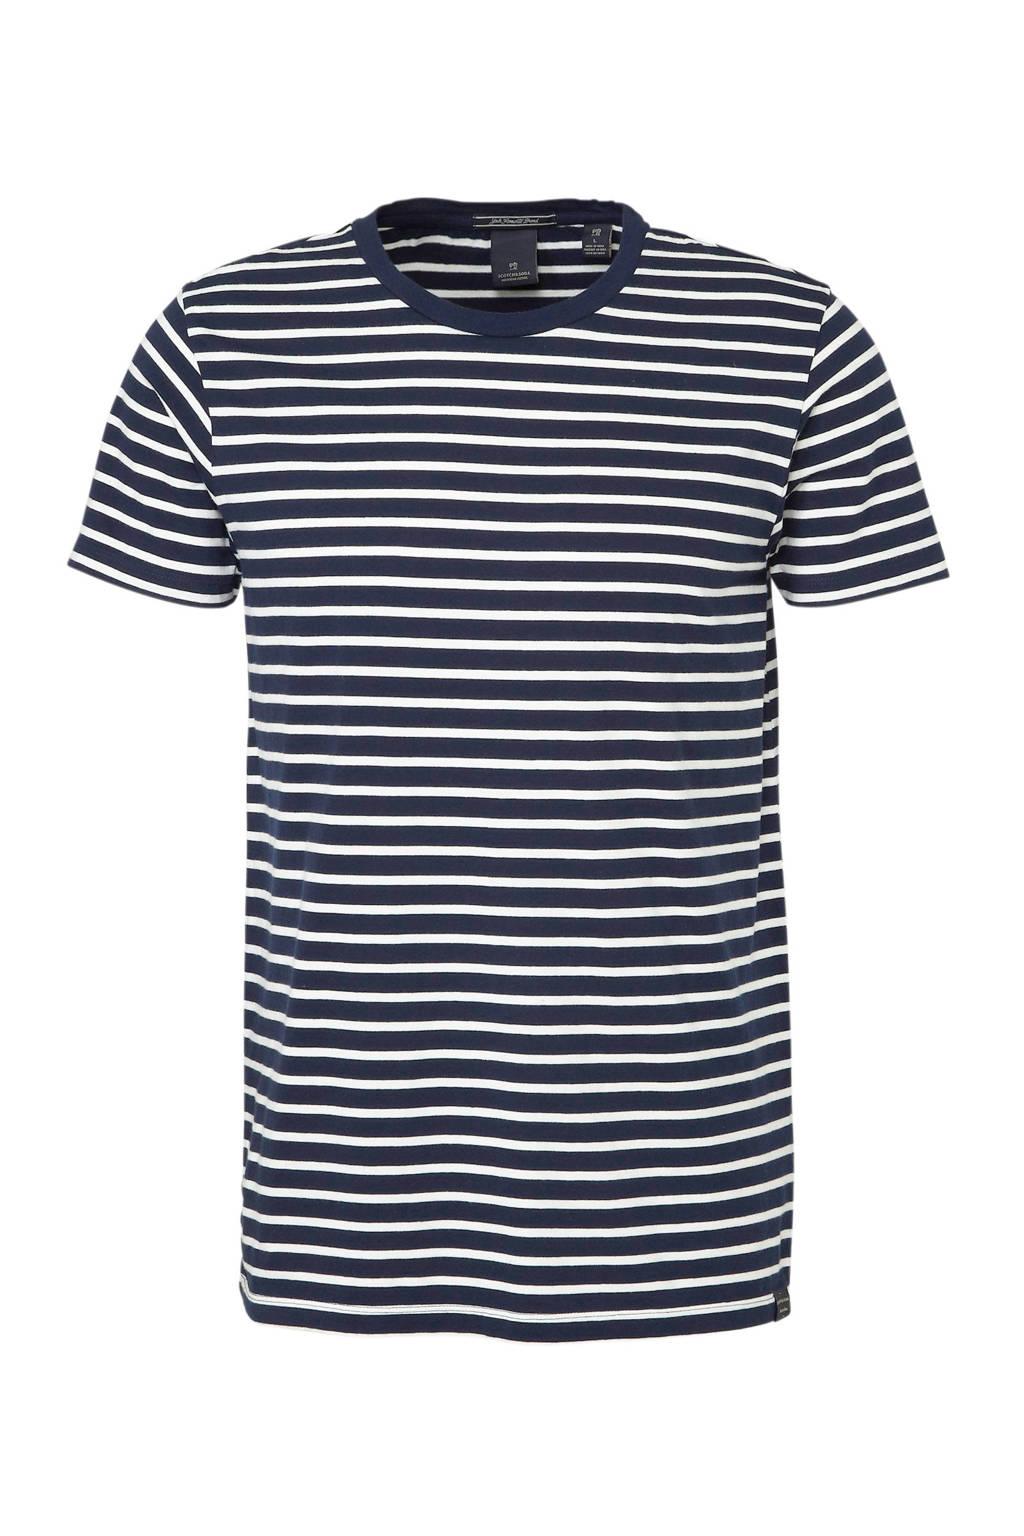 Scotch & Soda gestreept T-shirt marine, Marine/wit